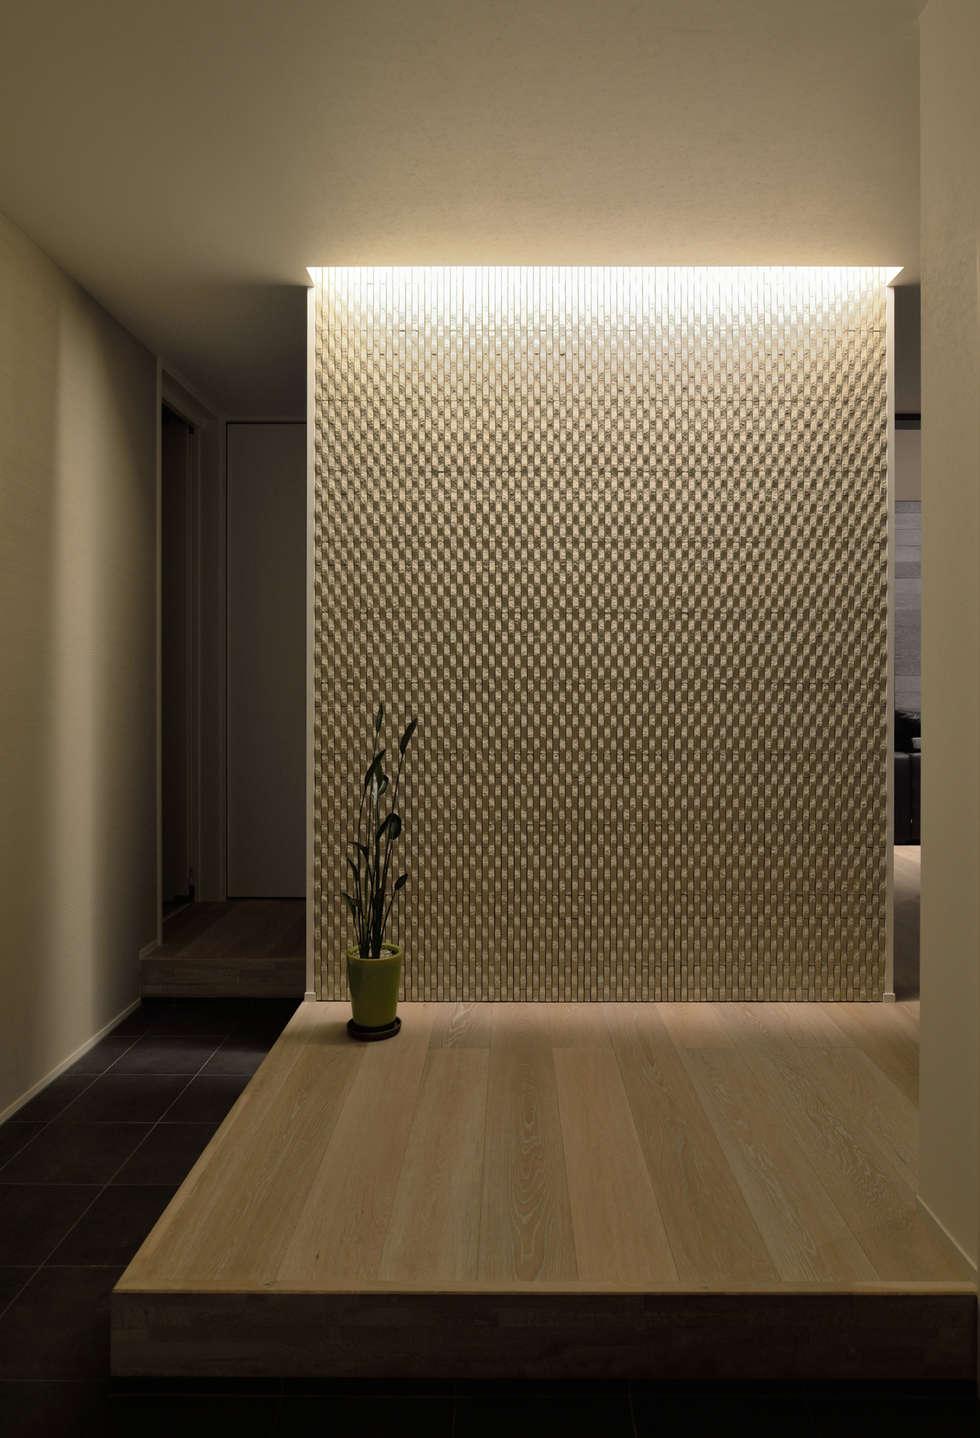 壁面の陰影が美しい玄関: 株式会社ブレッツァ・アーキテクツが手掛けた廊下 & 玄関です。